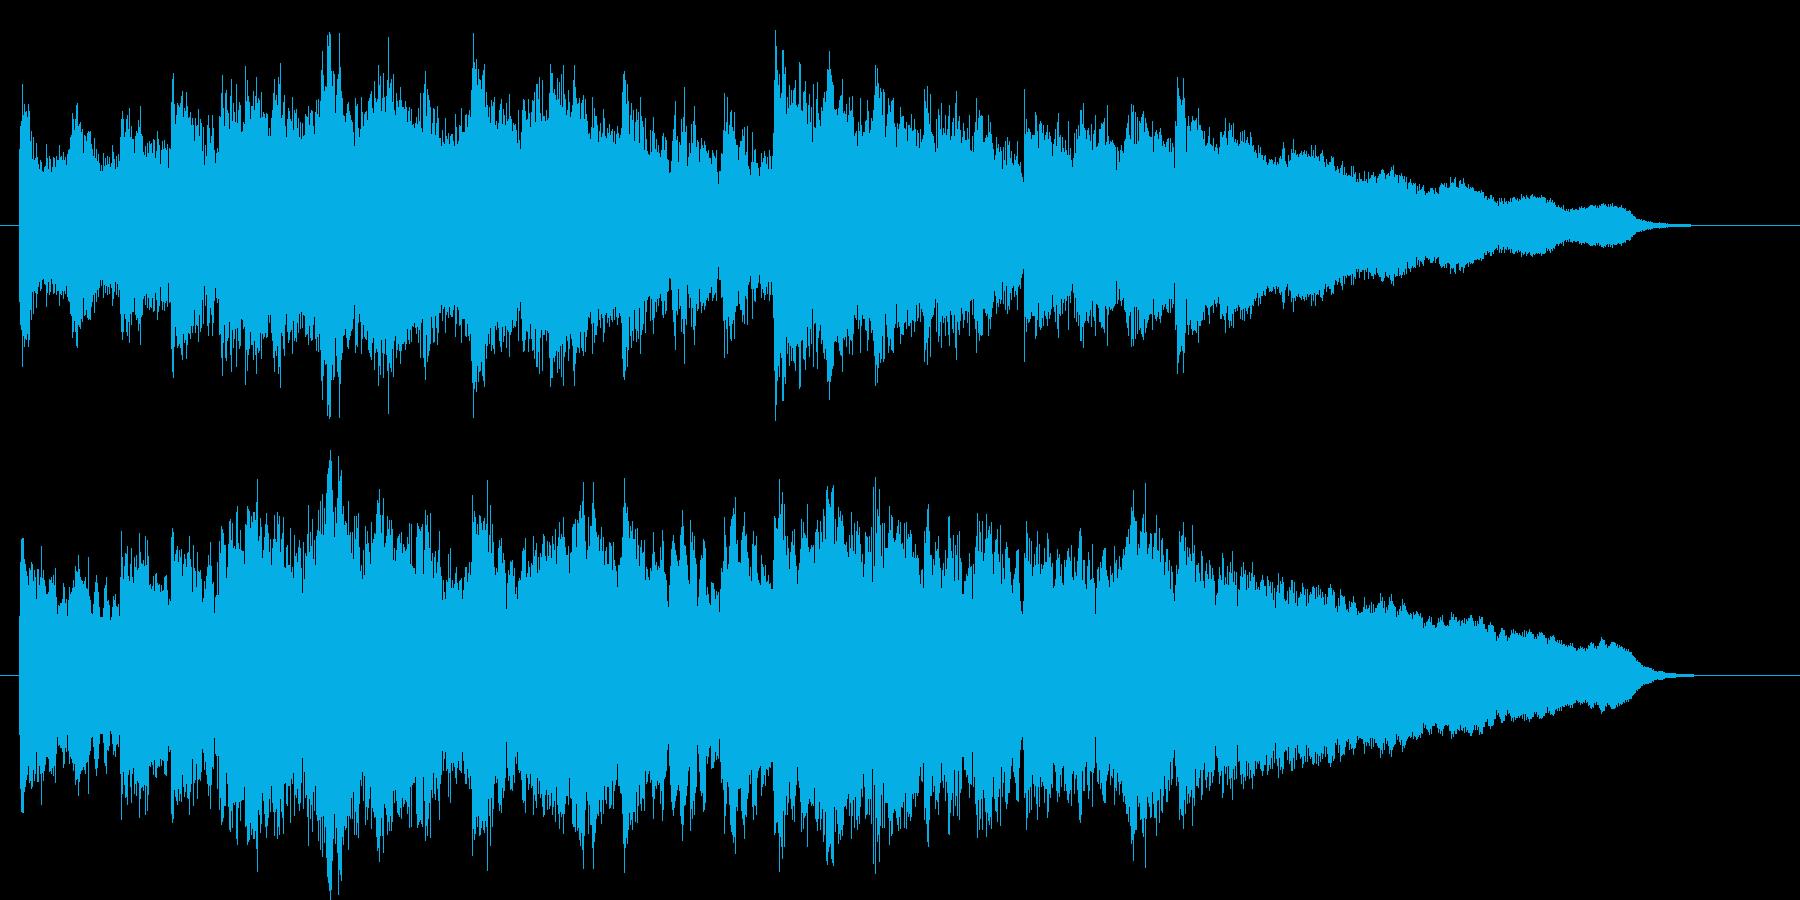 開場、開演用のチューブラーベルの再生済みの波形